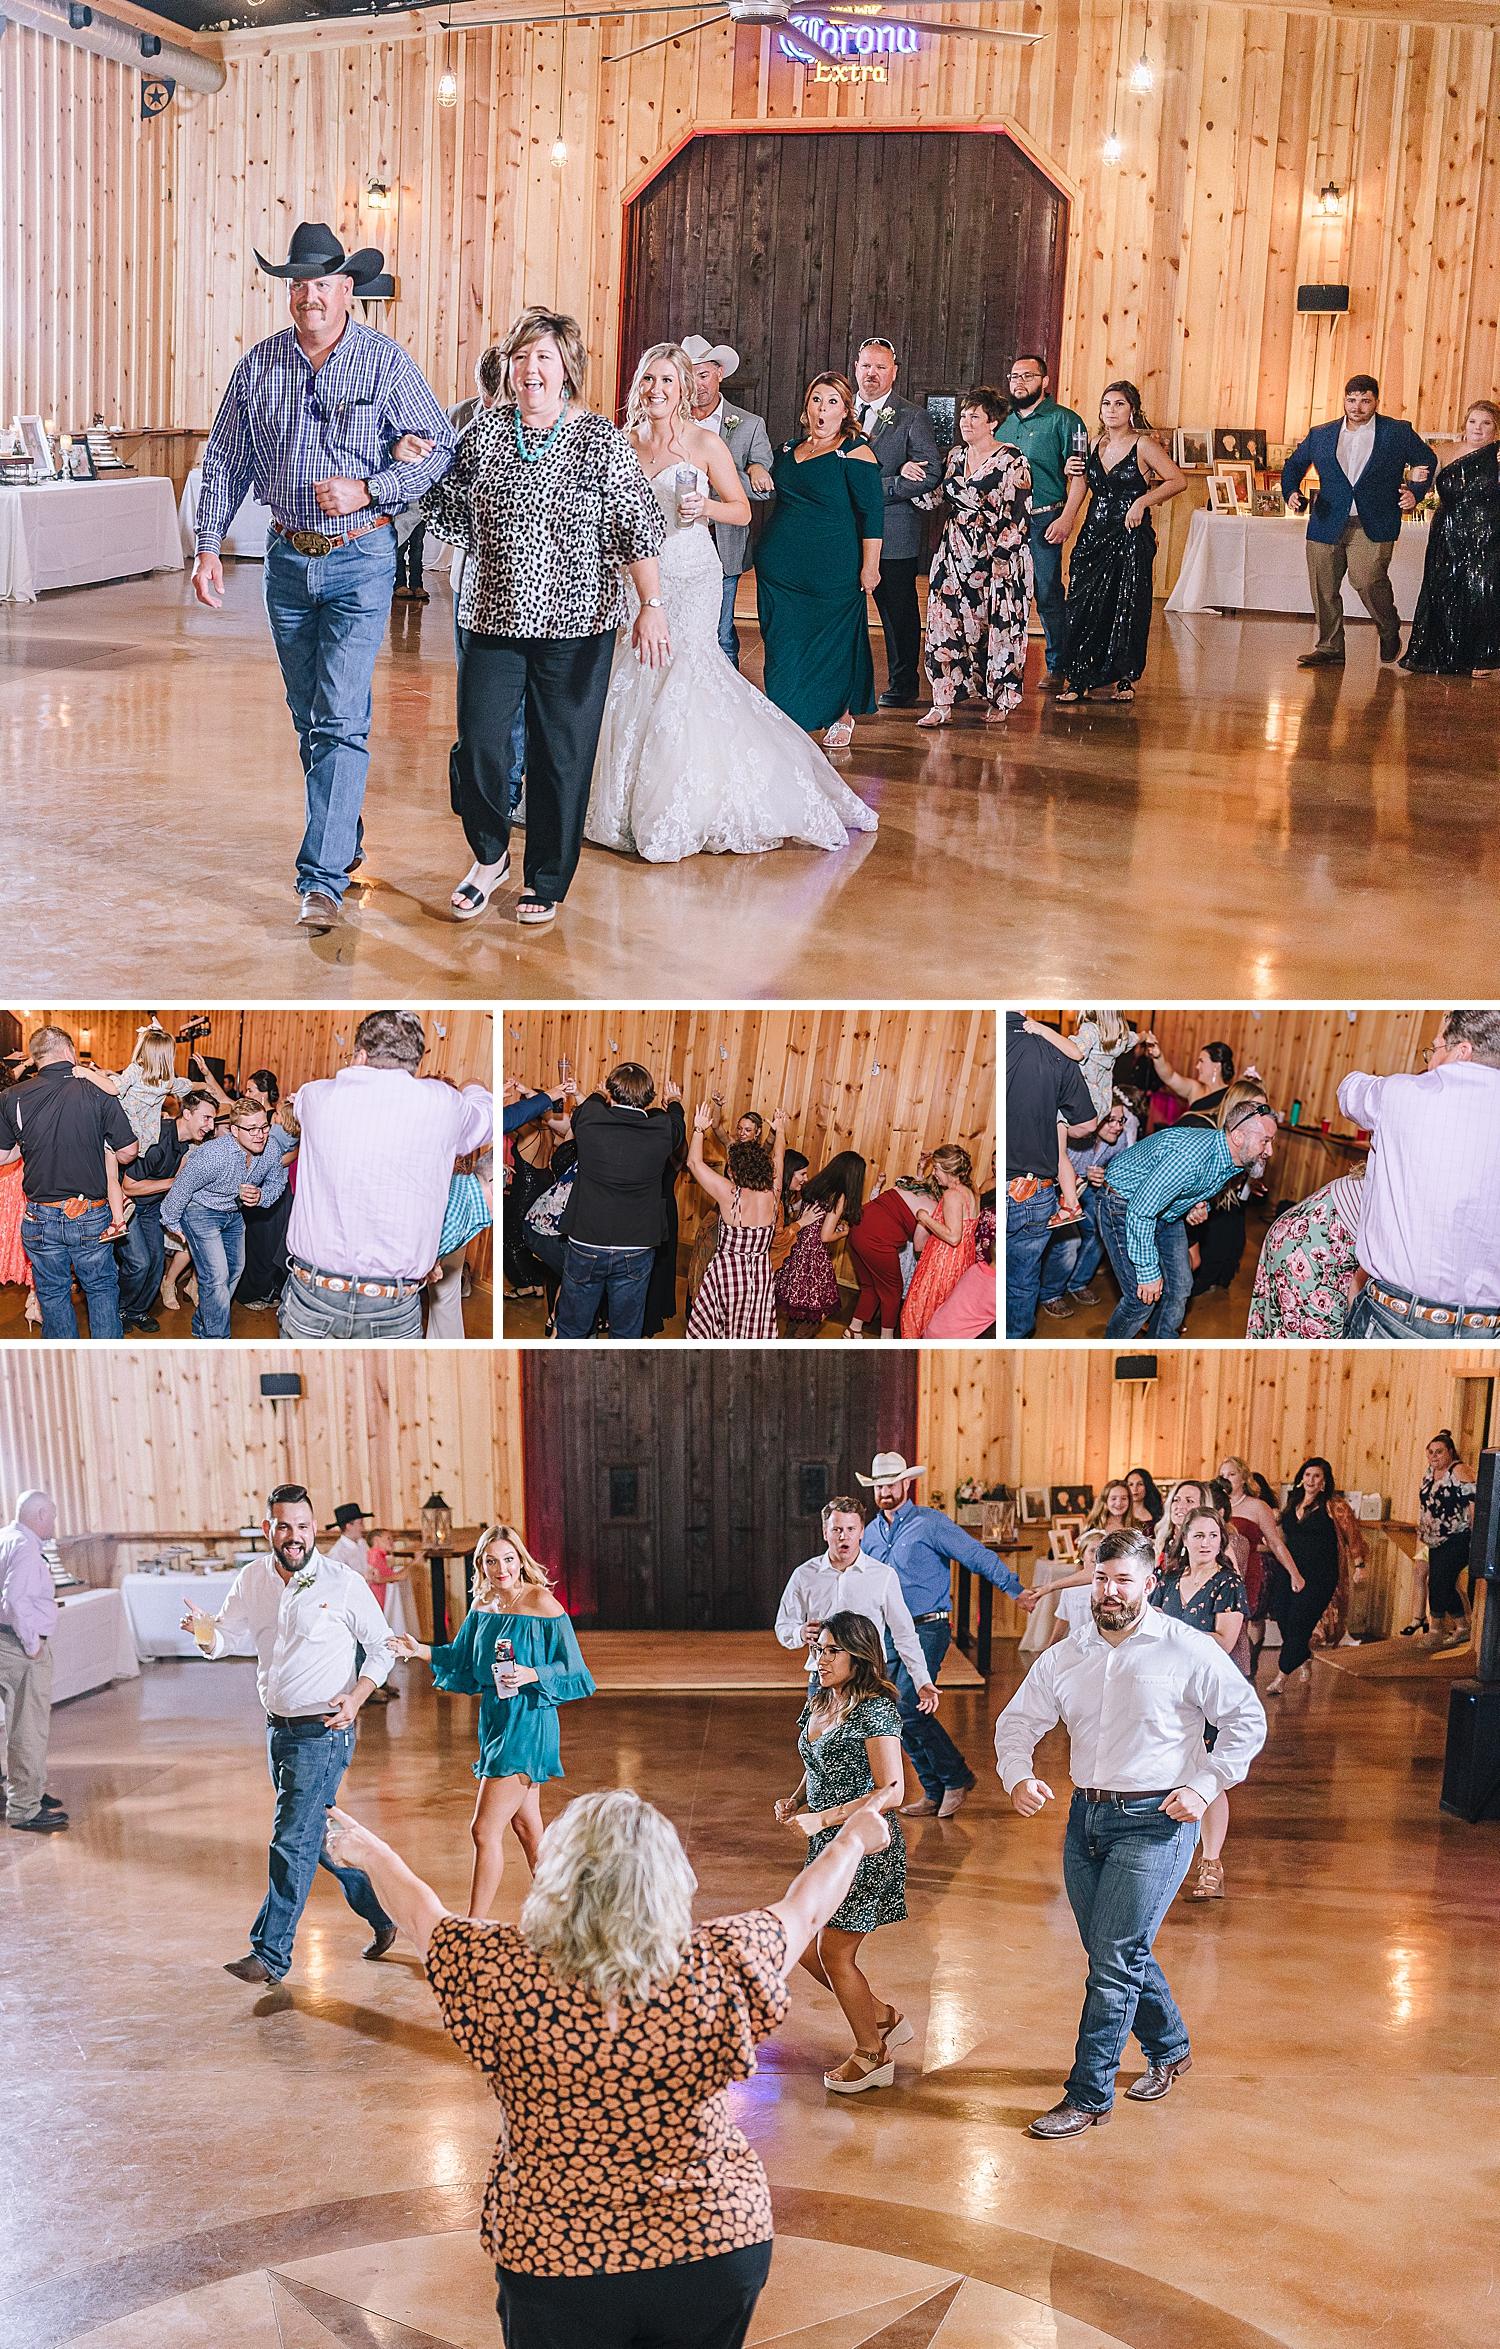 Rackler-Ranch-LaVernia-Texas-Wedding-Carly-Barton-Photography_0139.jpg